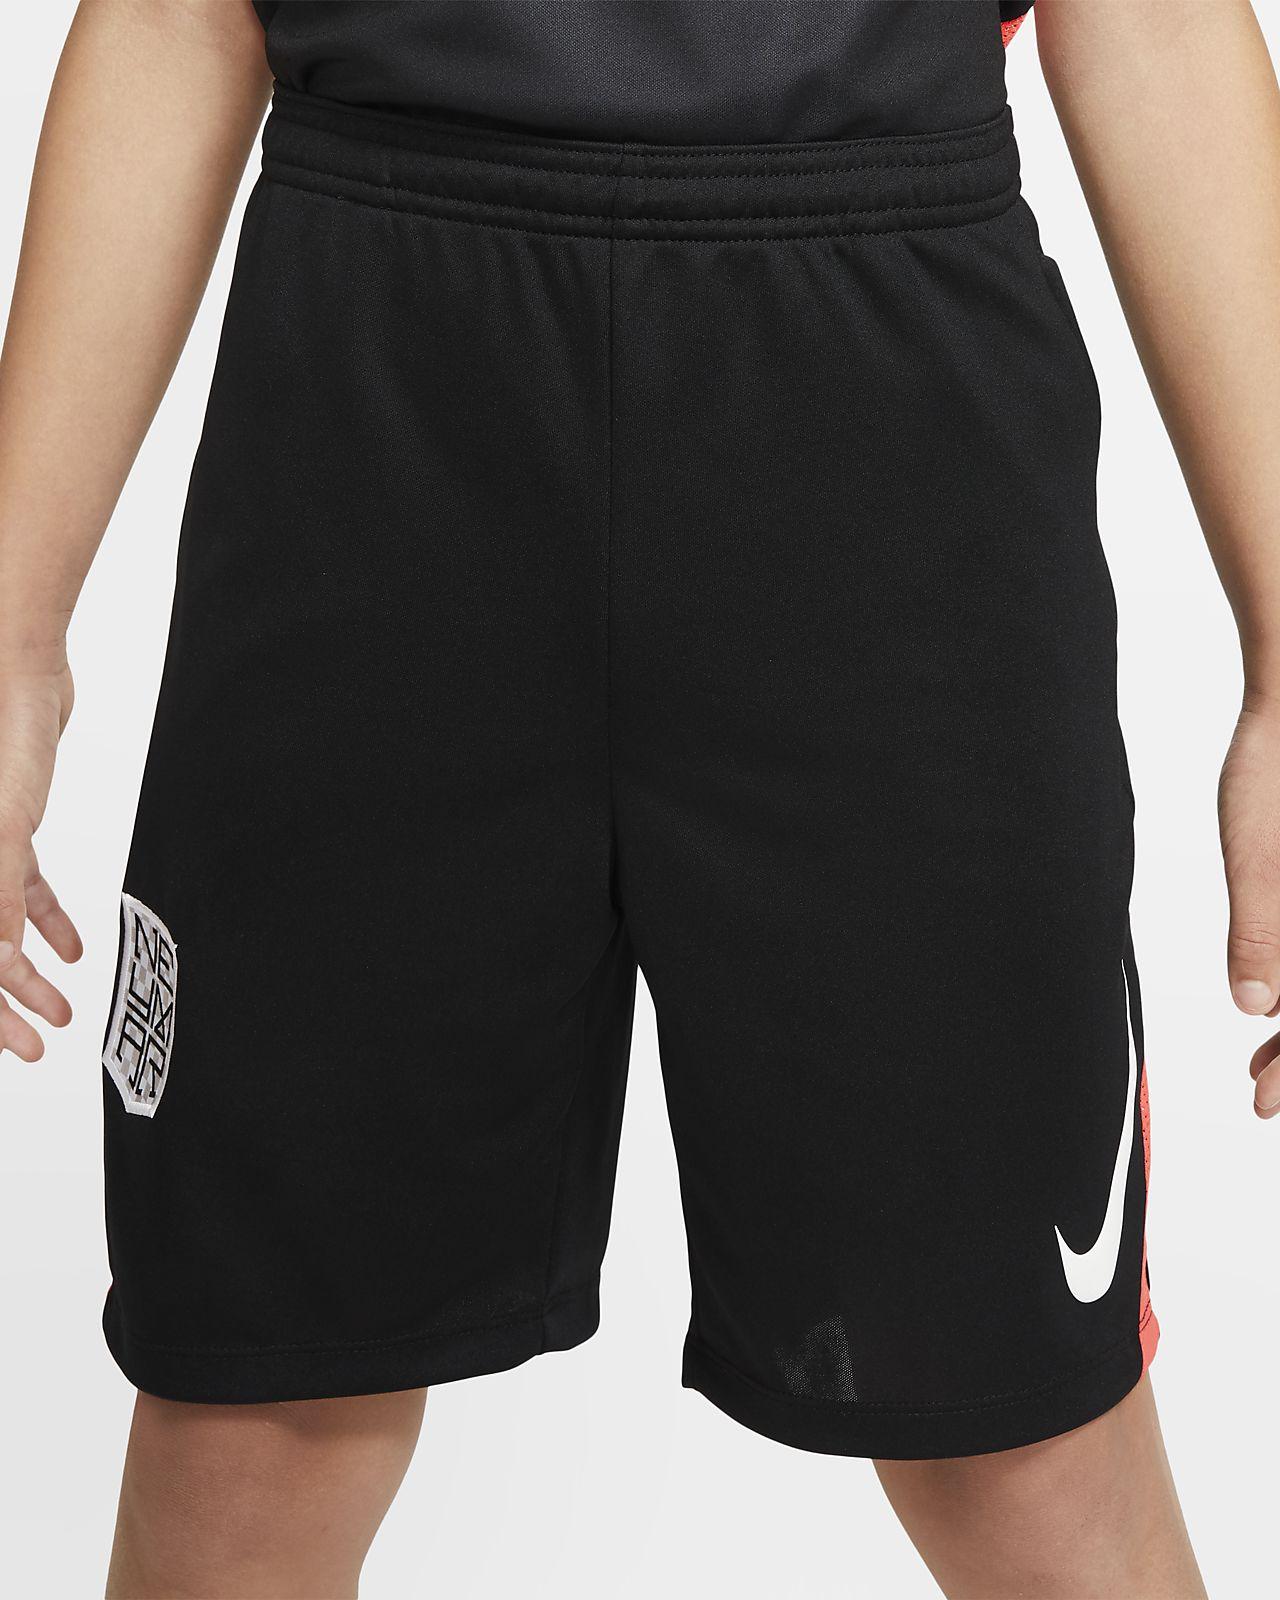 กางเกงฟุตบอลขาสั้นเด็กโต Nike Dri-FIT Neymar Jr.